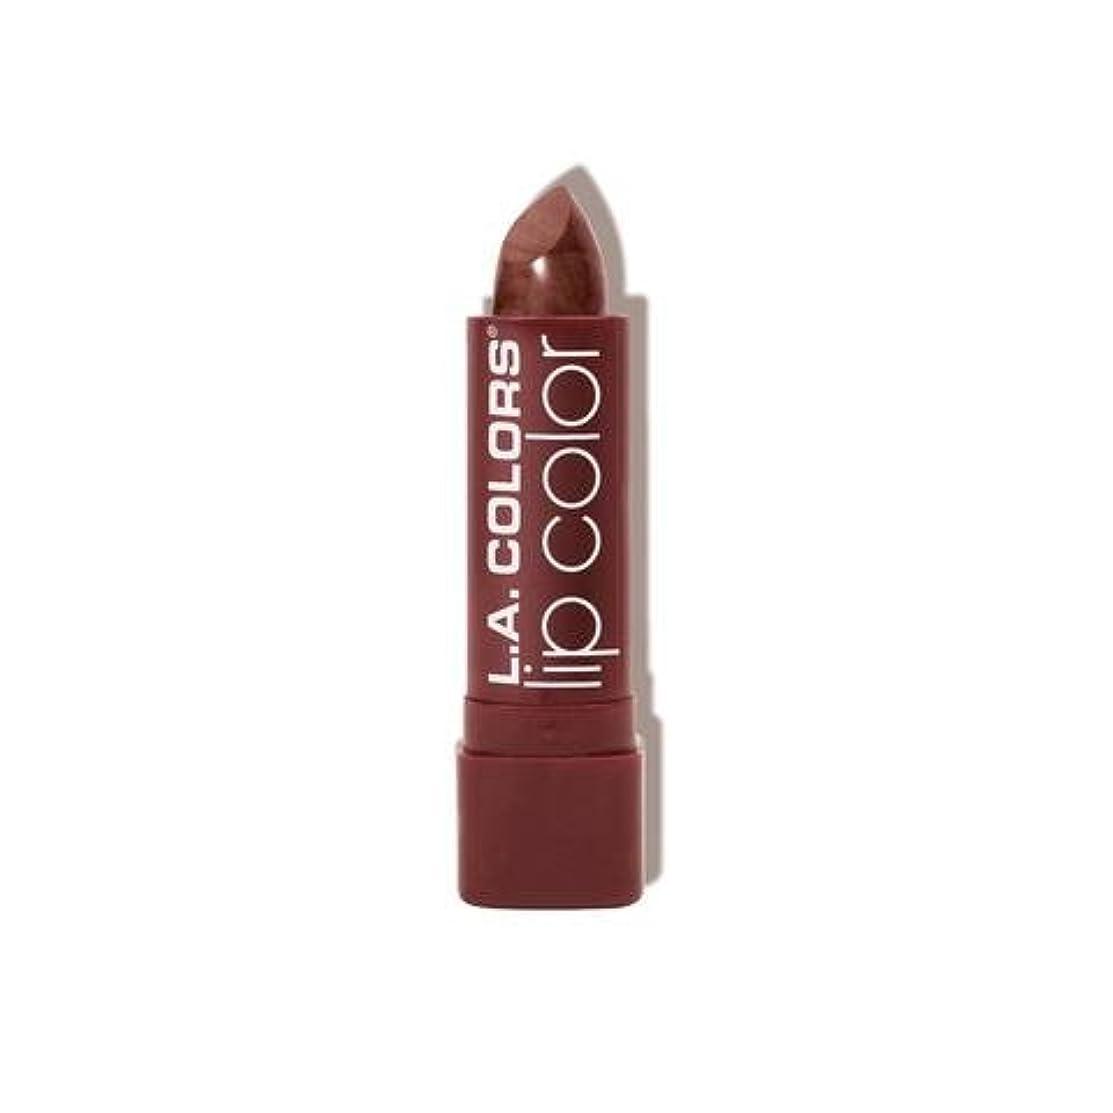 のど航空会社機械的にL.A. COLORS Moisture Rich Lip Color - Cocoa Shimmer (並行輸入品)